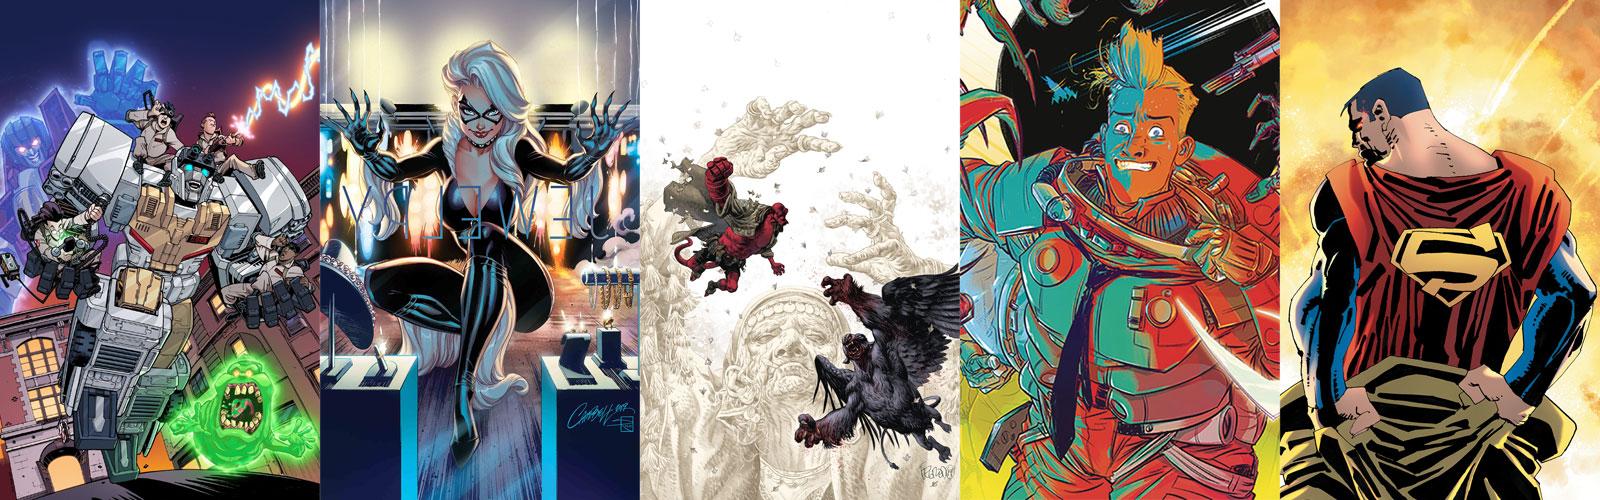 Ace Comics Advance Order List 367